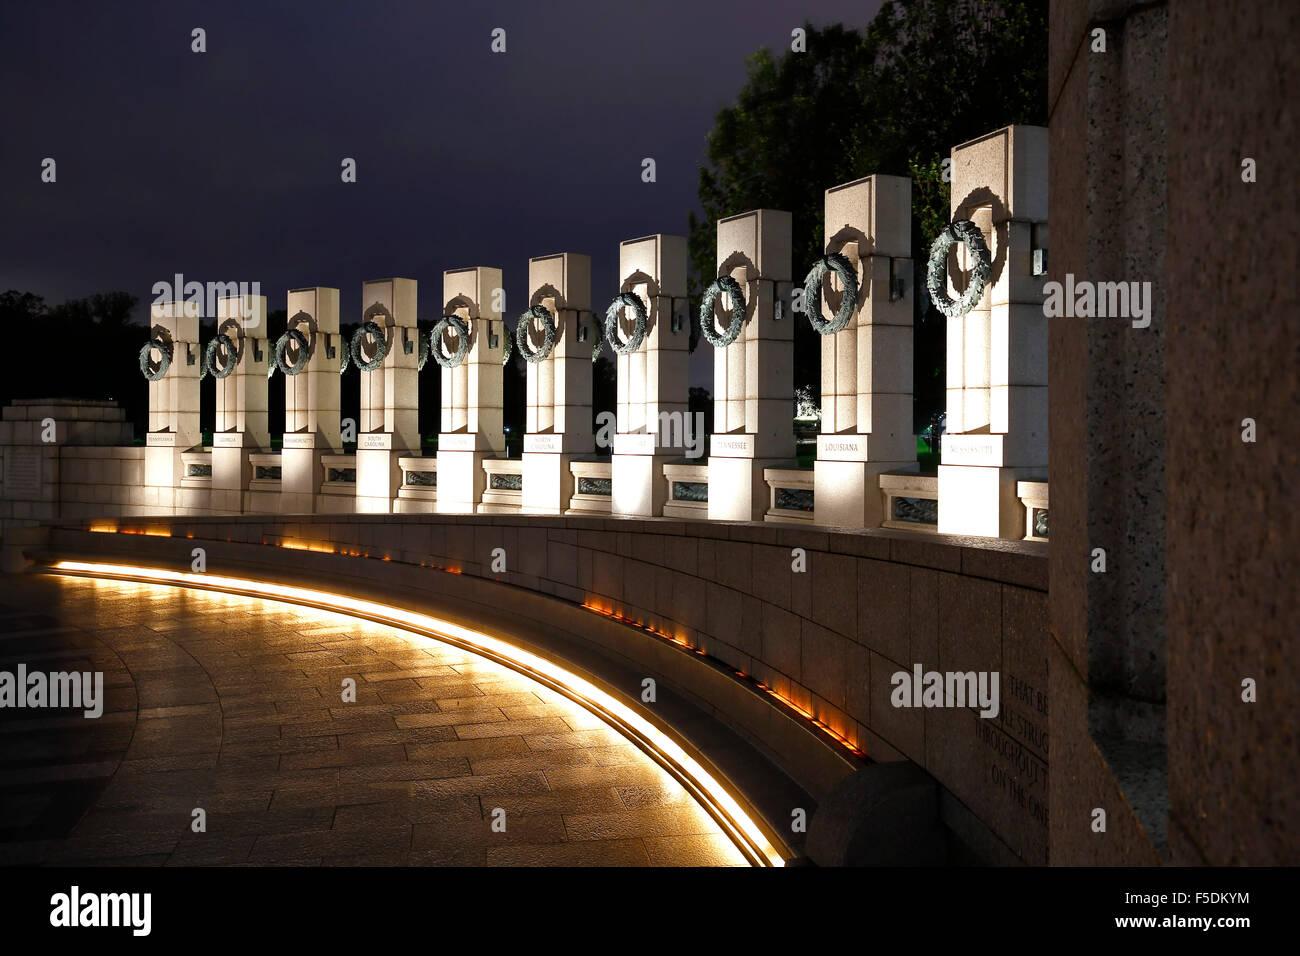 El Memorial de la Segunda Guerra Mundial, Washington, Distrito de Columbia, EE.UU. Imagen De Stock